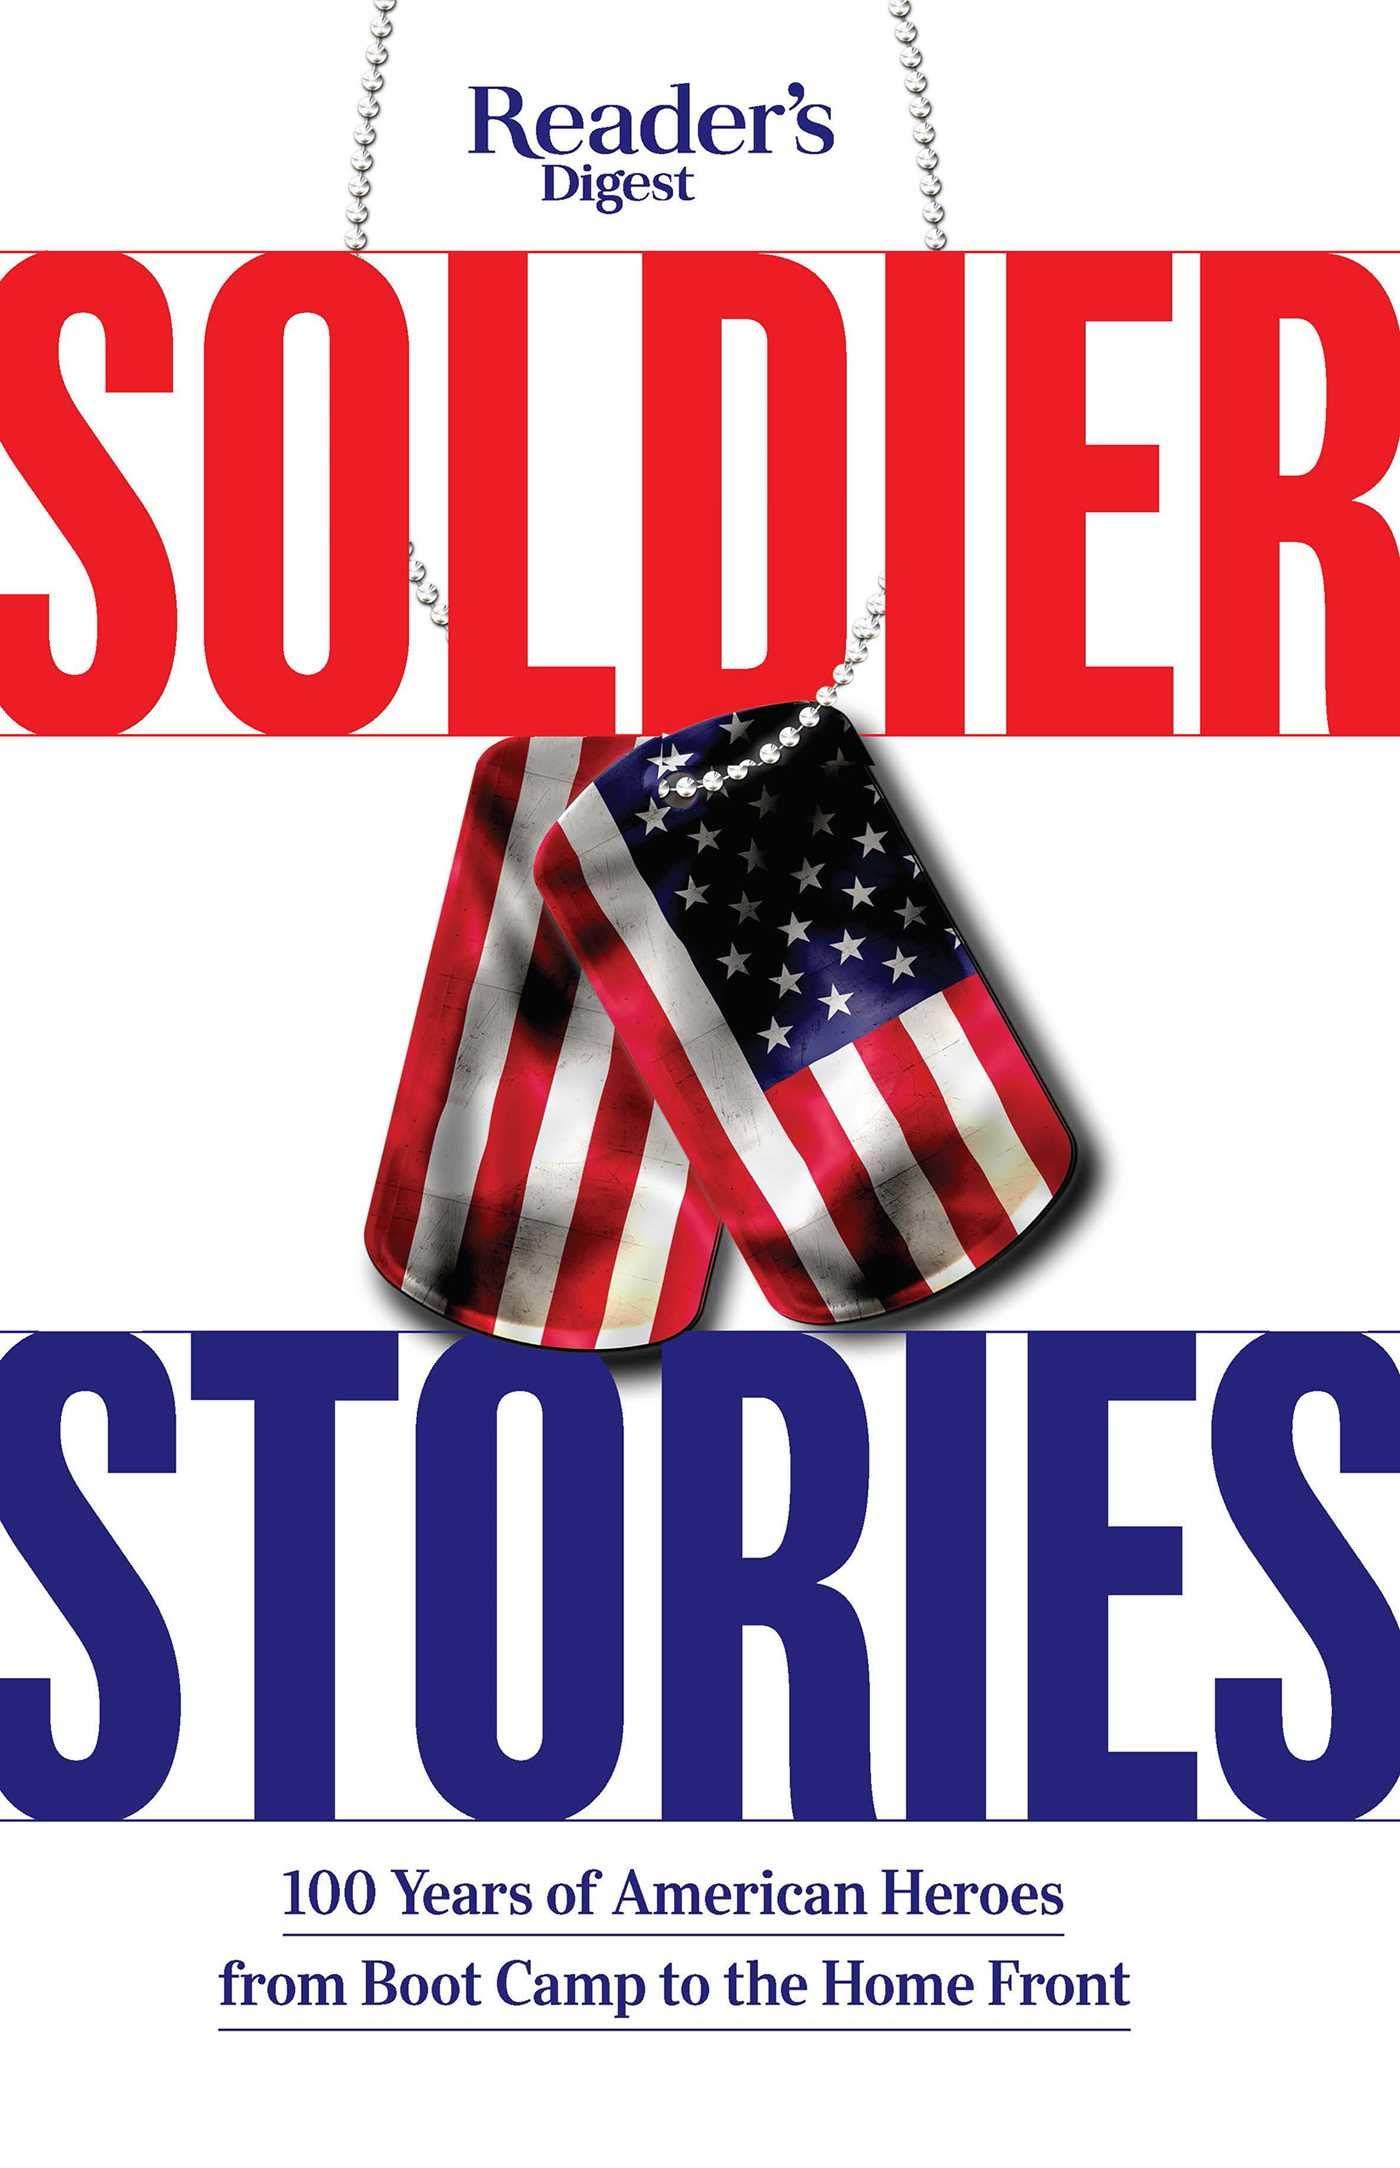 Reader's Digest Soldier Stories: Reader's Digest